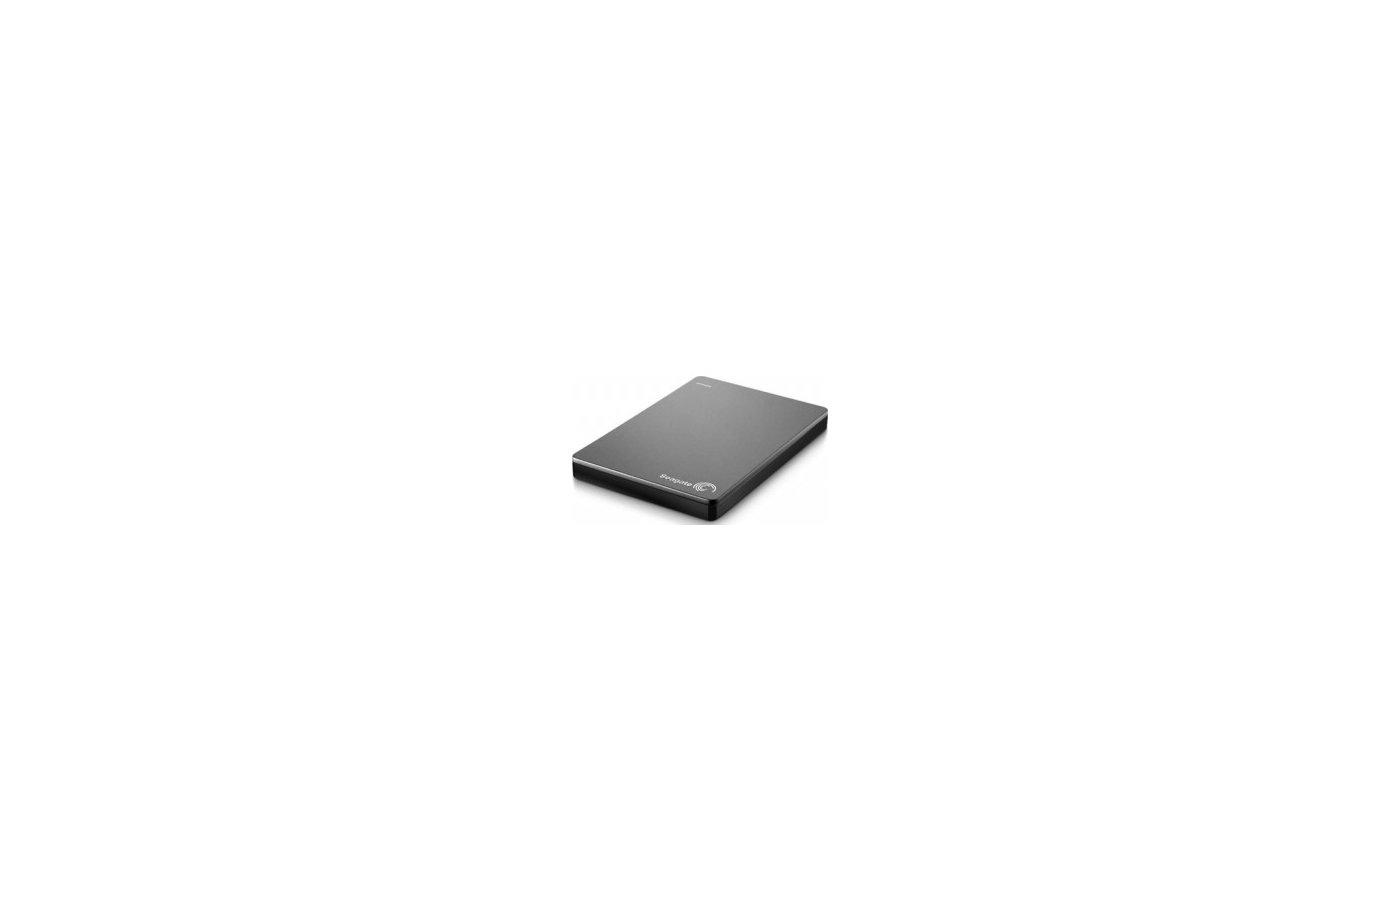 """Внешний жесткий диск Seagate STDR2000201 USB 3.0 2Tb Backup Plus Slim 2.5"""" серебристый"""